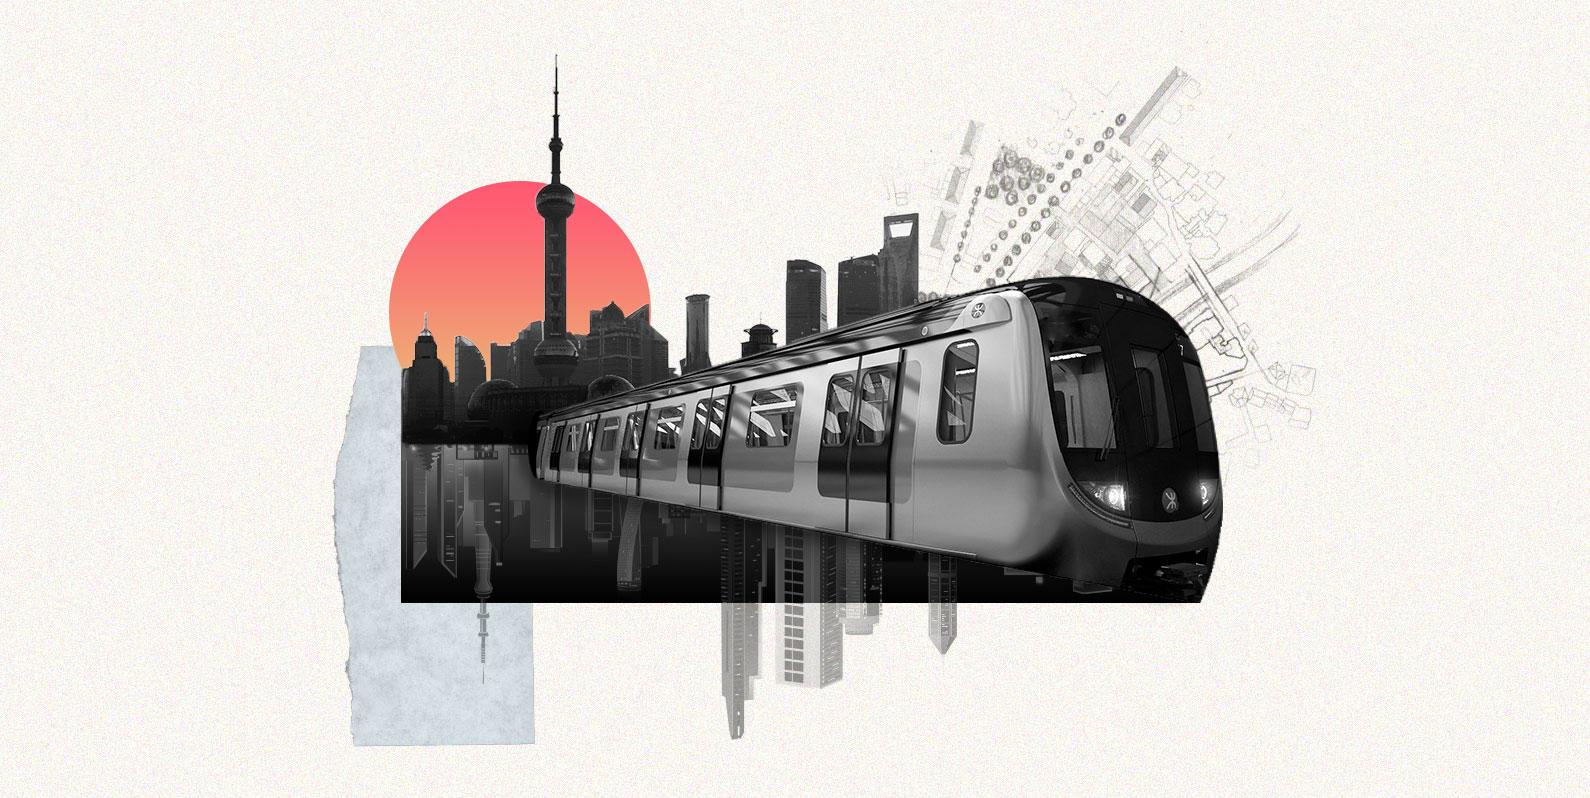 Cidades do futuro: os benefícios e impactos da urbanização